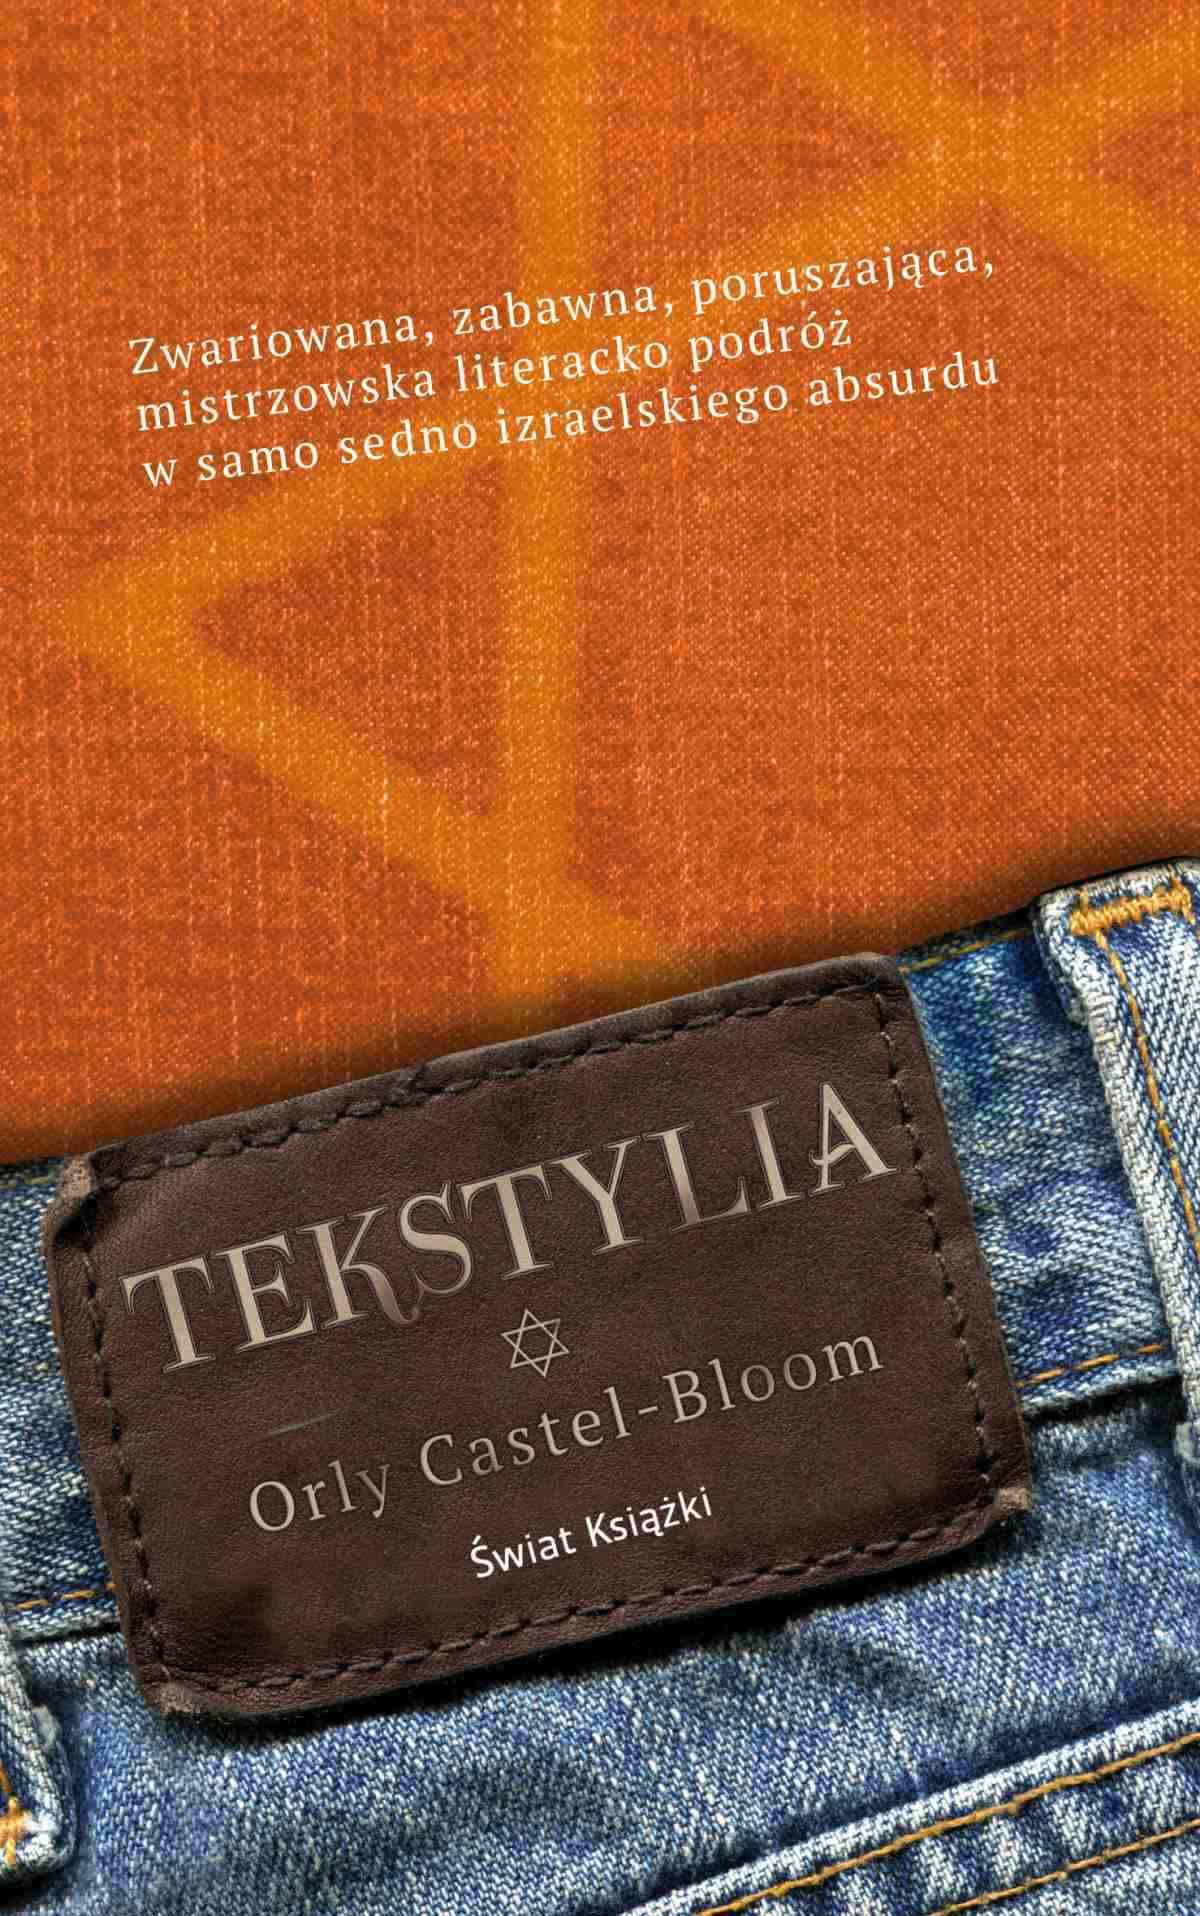 Tekstylia - Ebook (Książka na Kindle) do pobrania w formacie MOBI